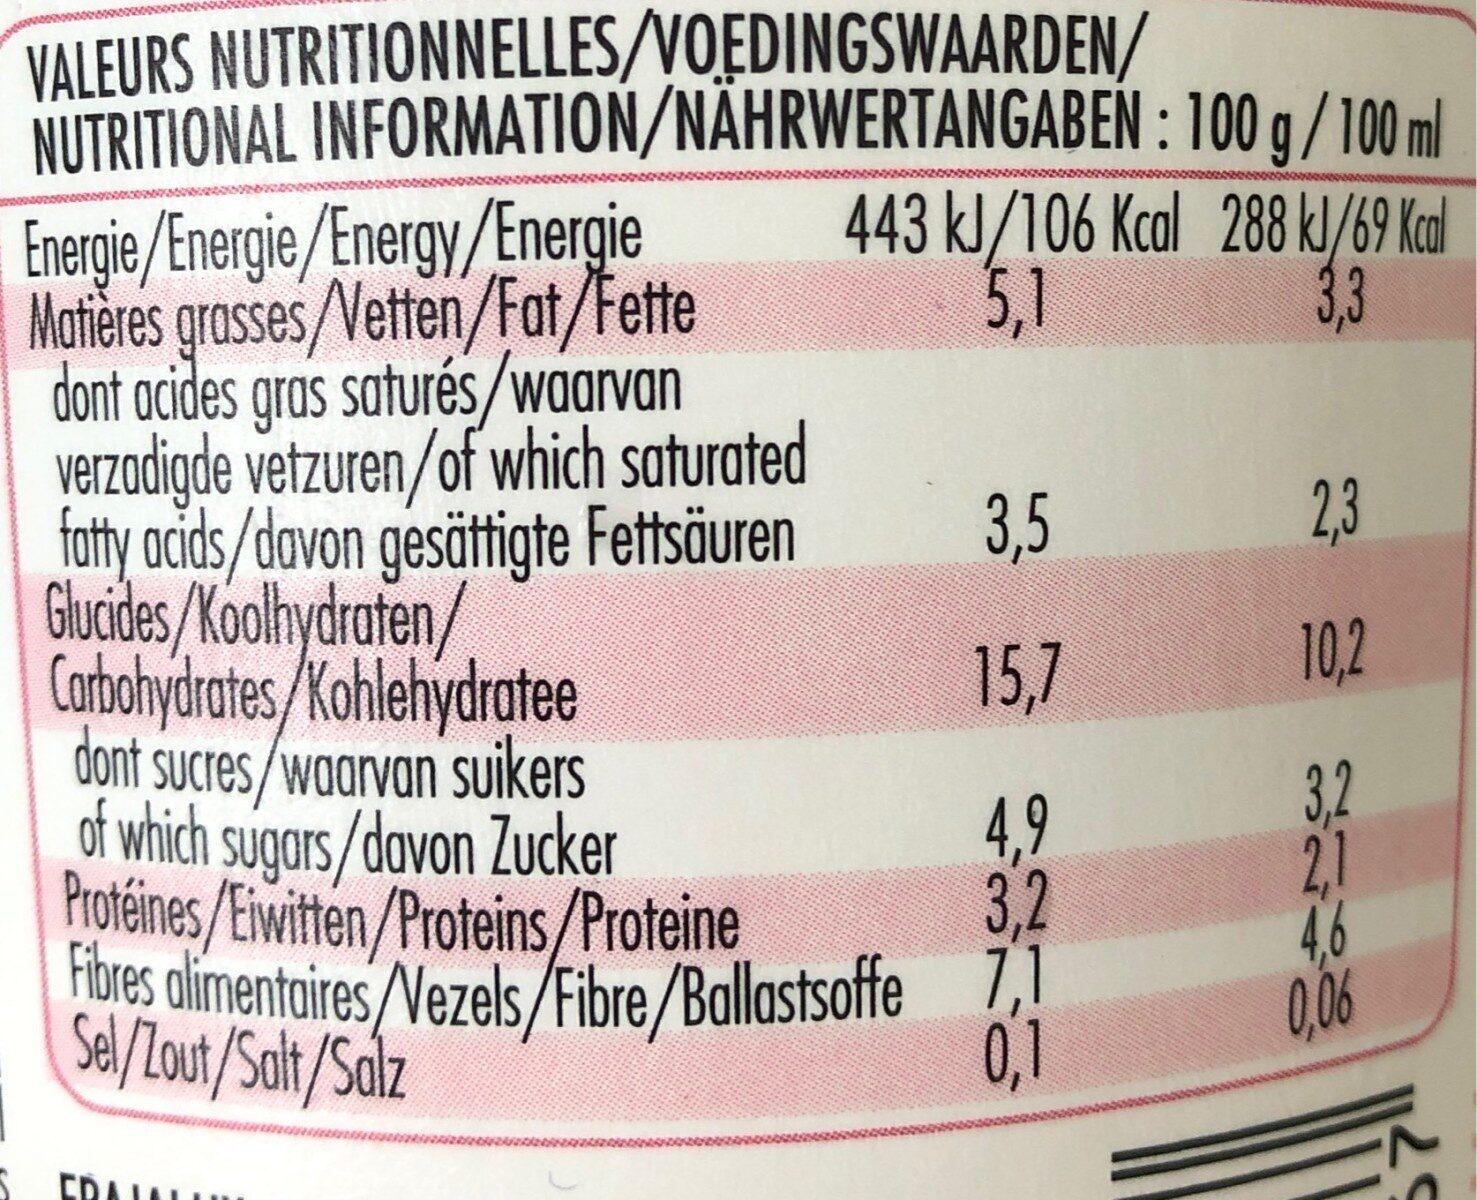 Glace cuberdon et morceaux de framboises - Voedingswaarden - fr